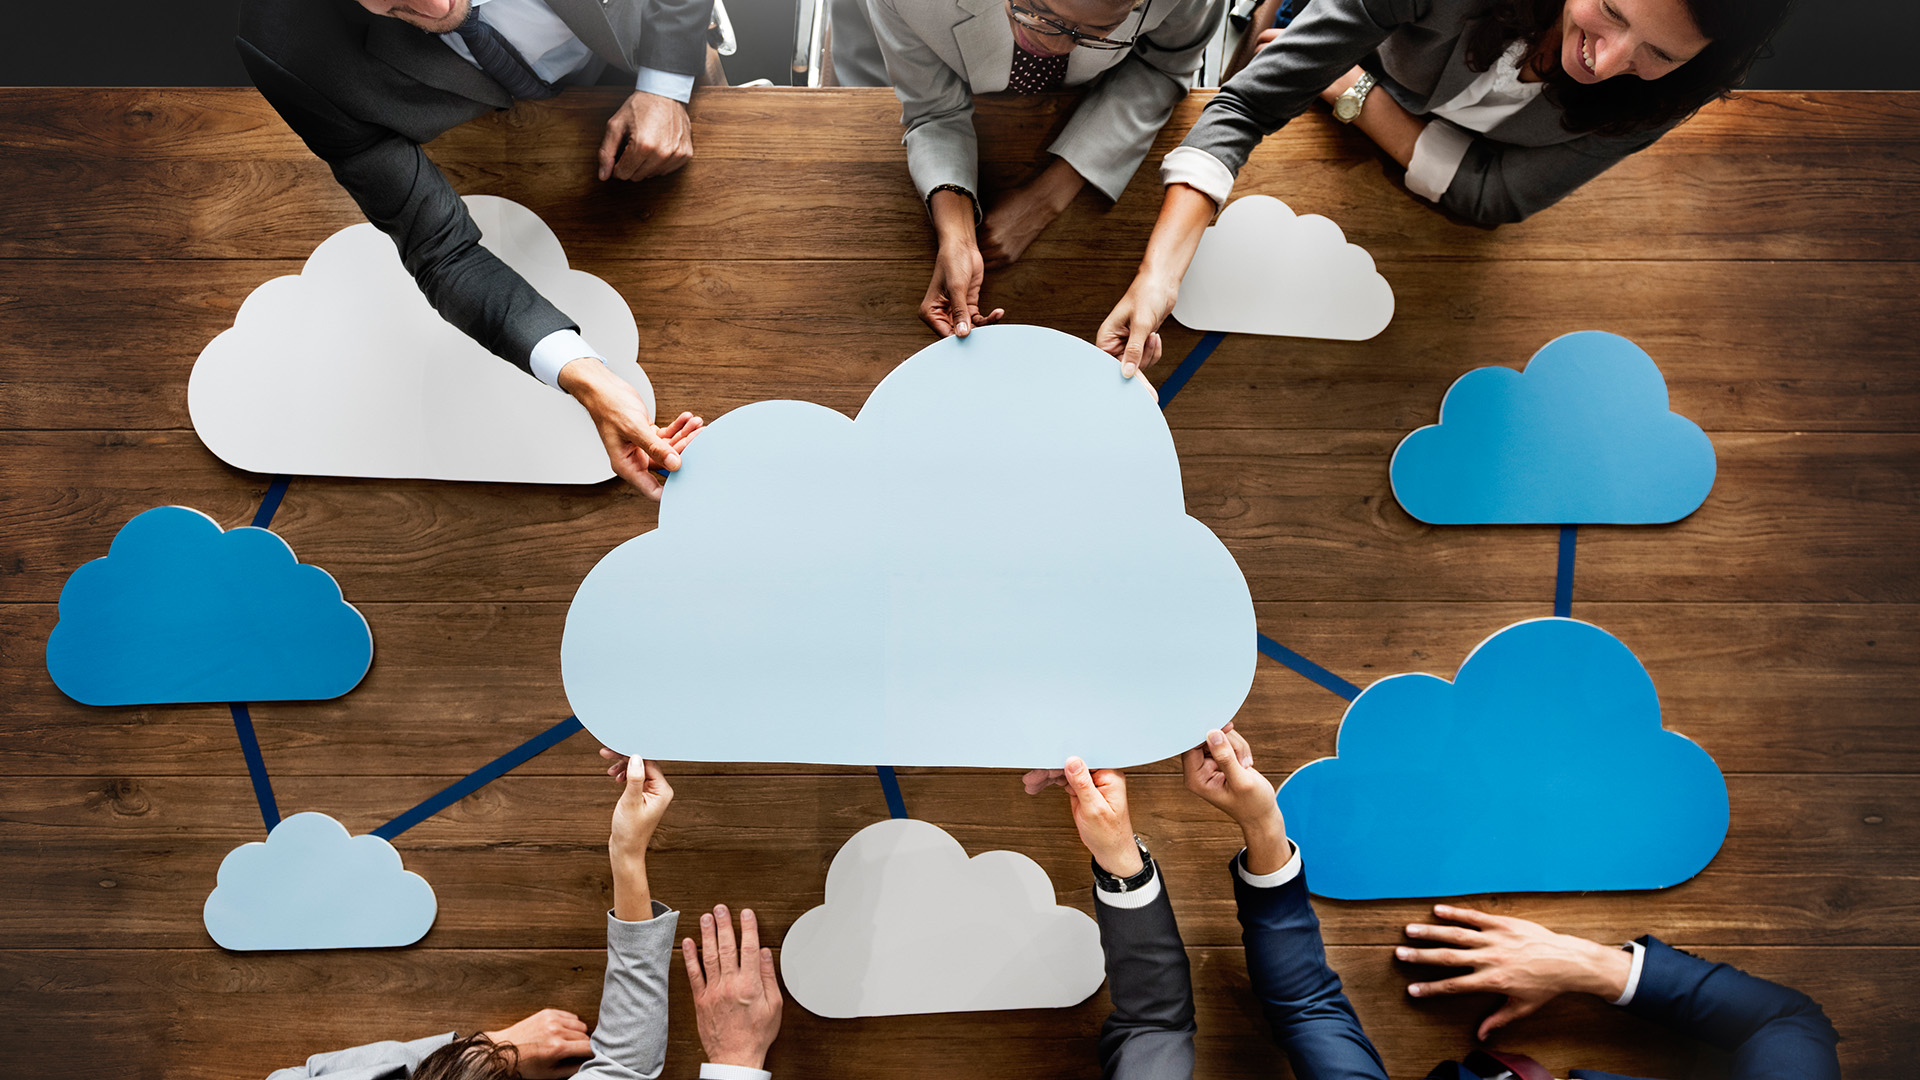 La computación en la nube es uno de los rubros destacados para el año (iStock)